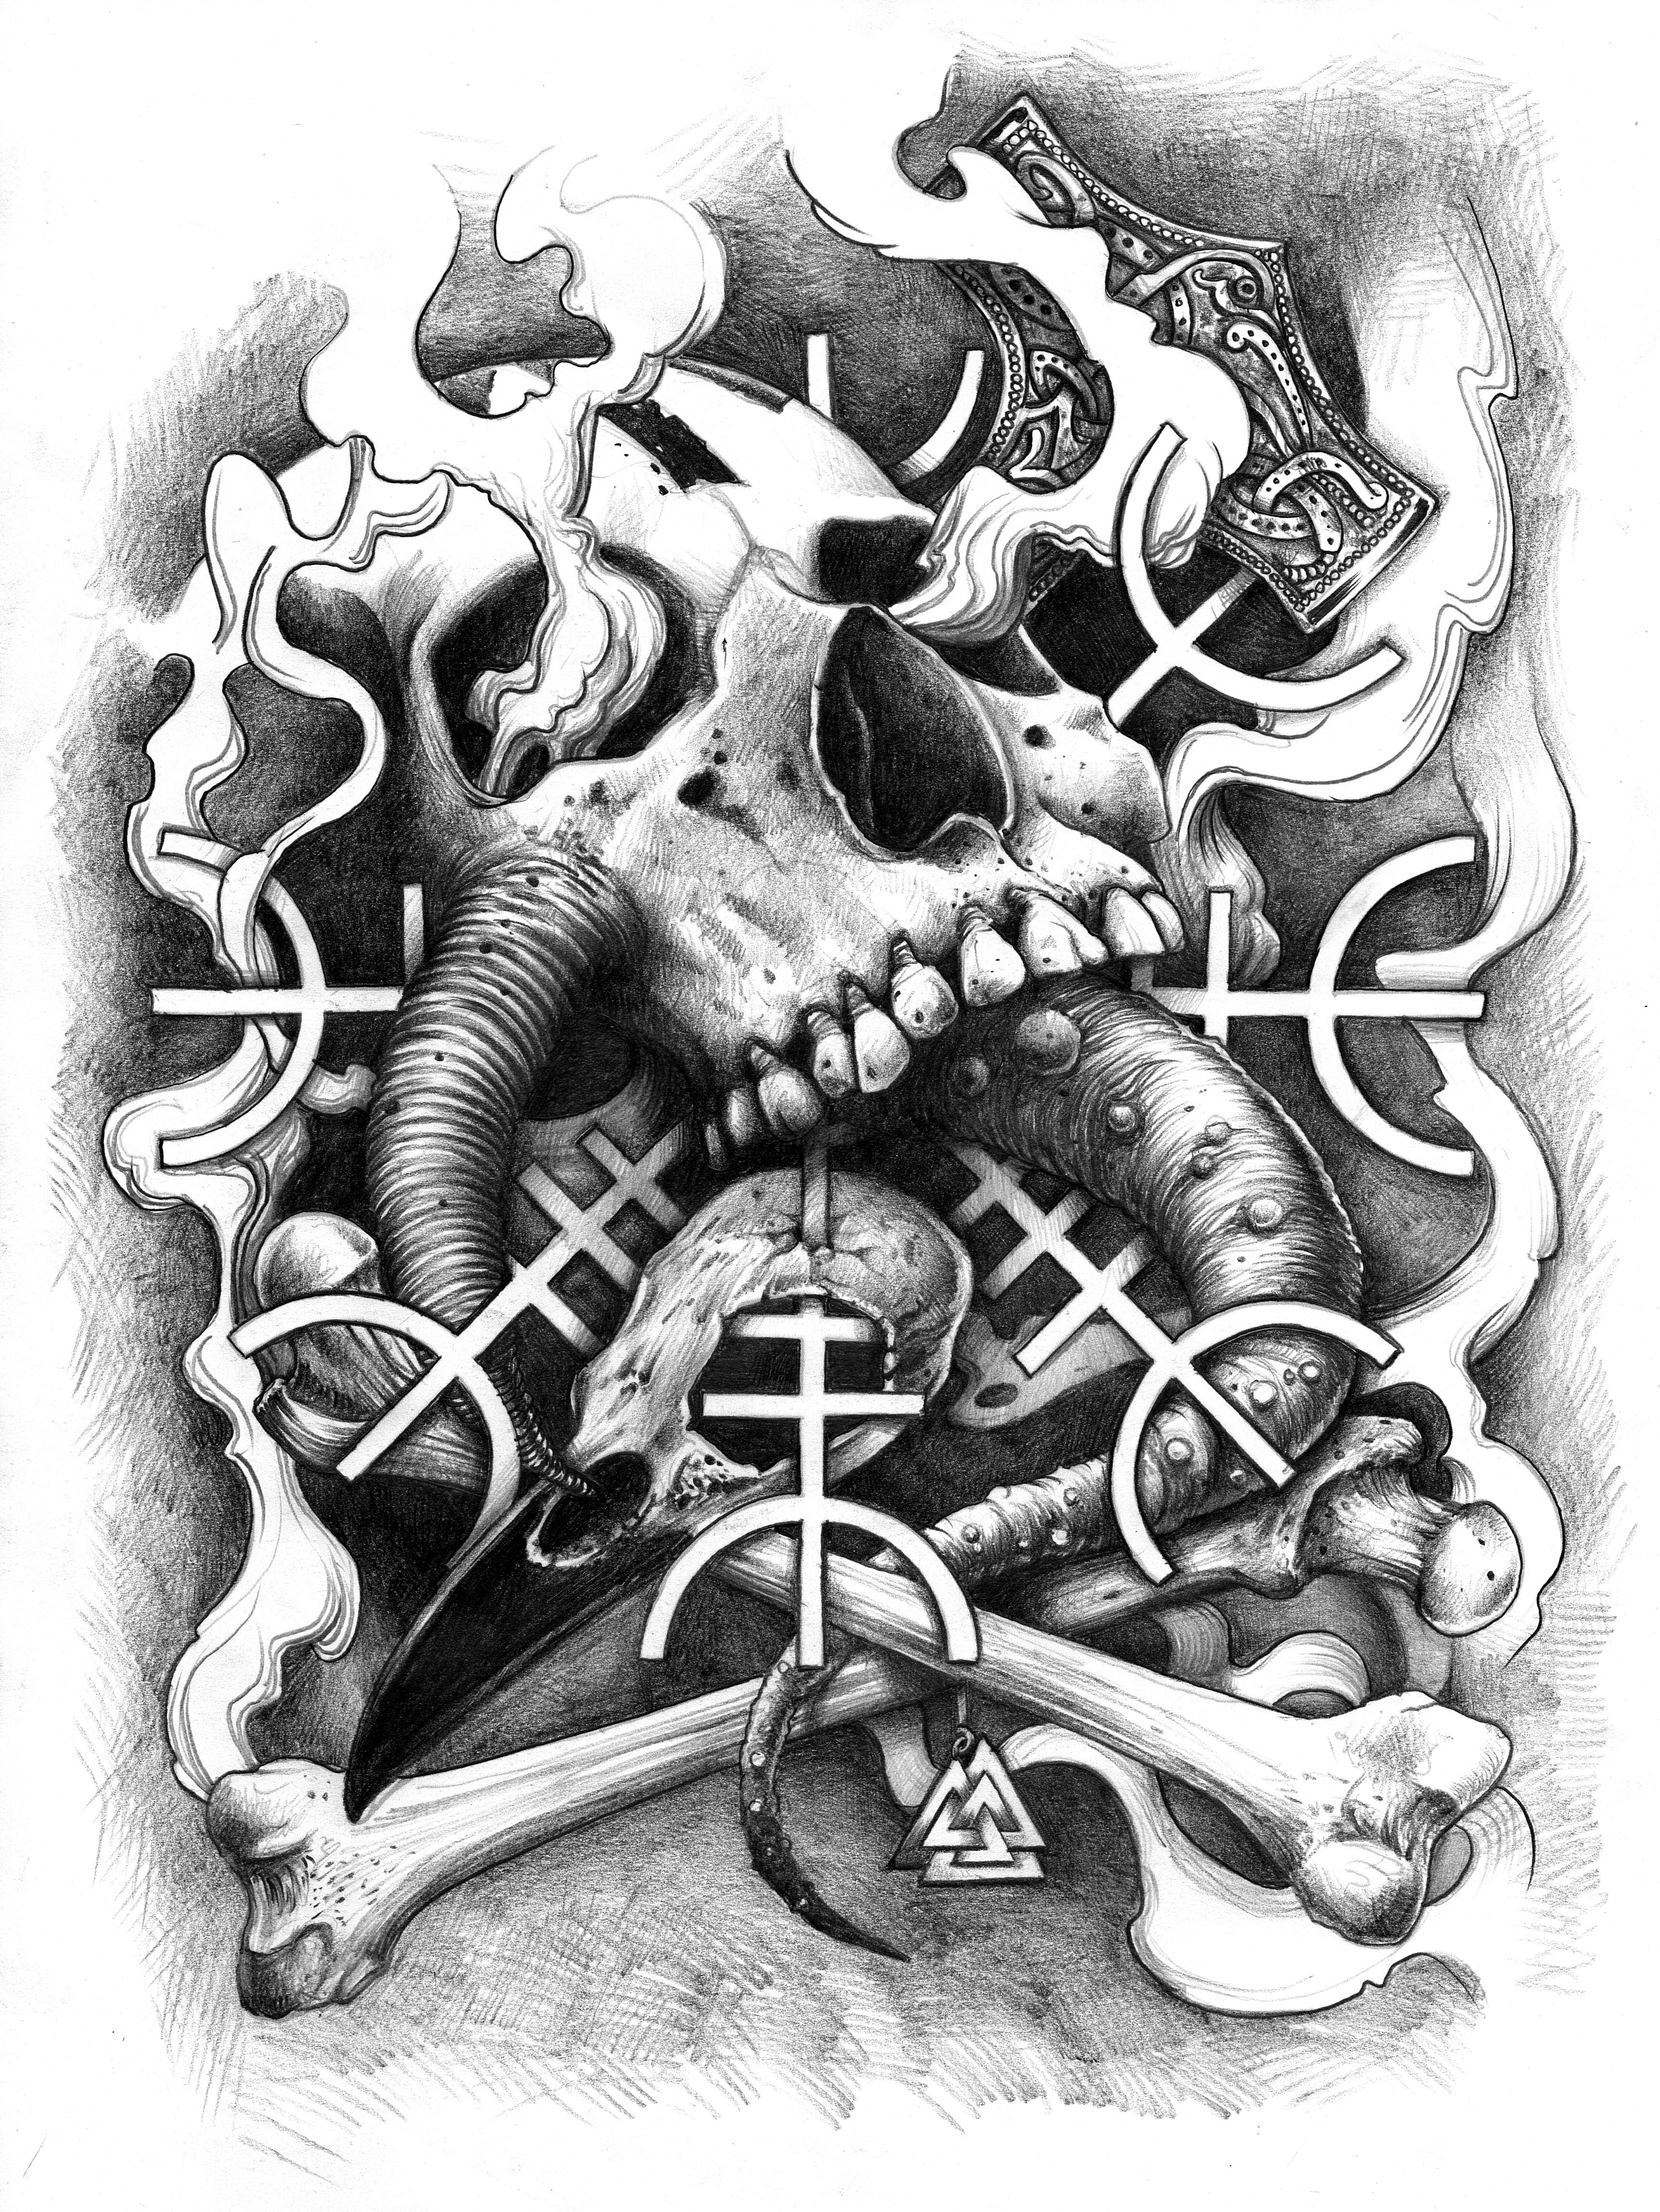 Projet Tattoo Pour Un Dos Complet Inspiration Nordique Et Viking